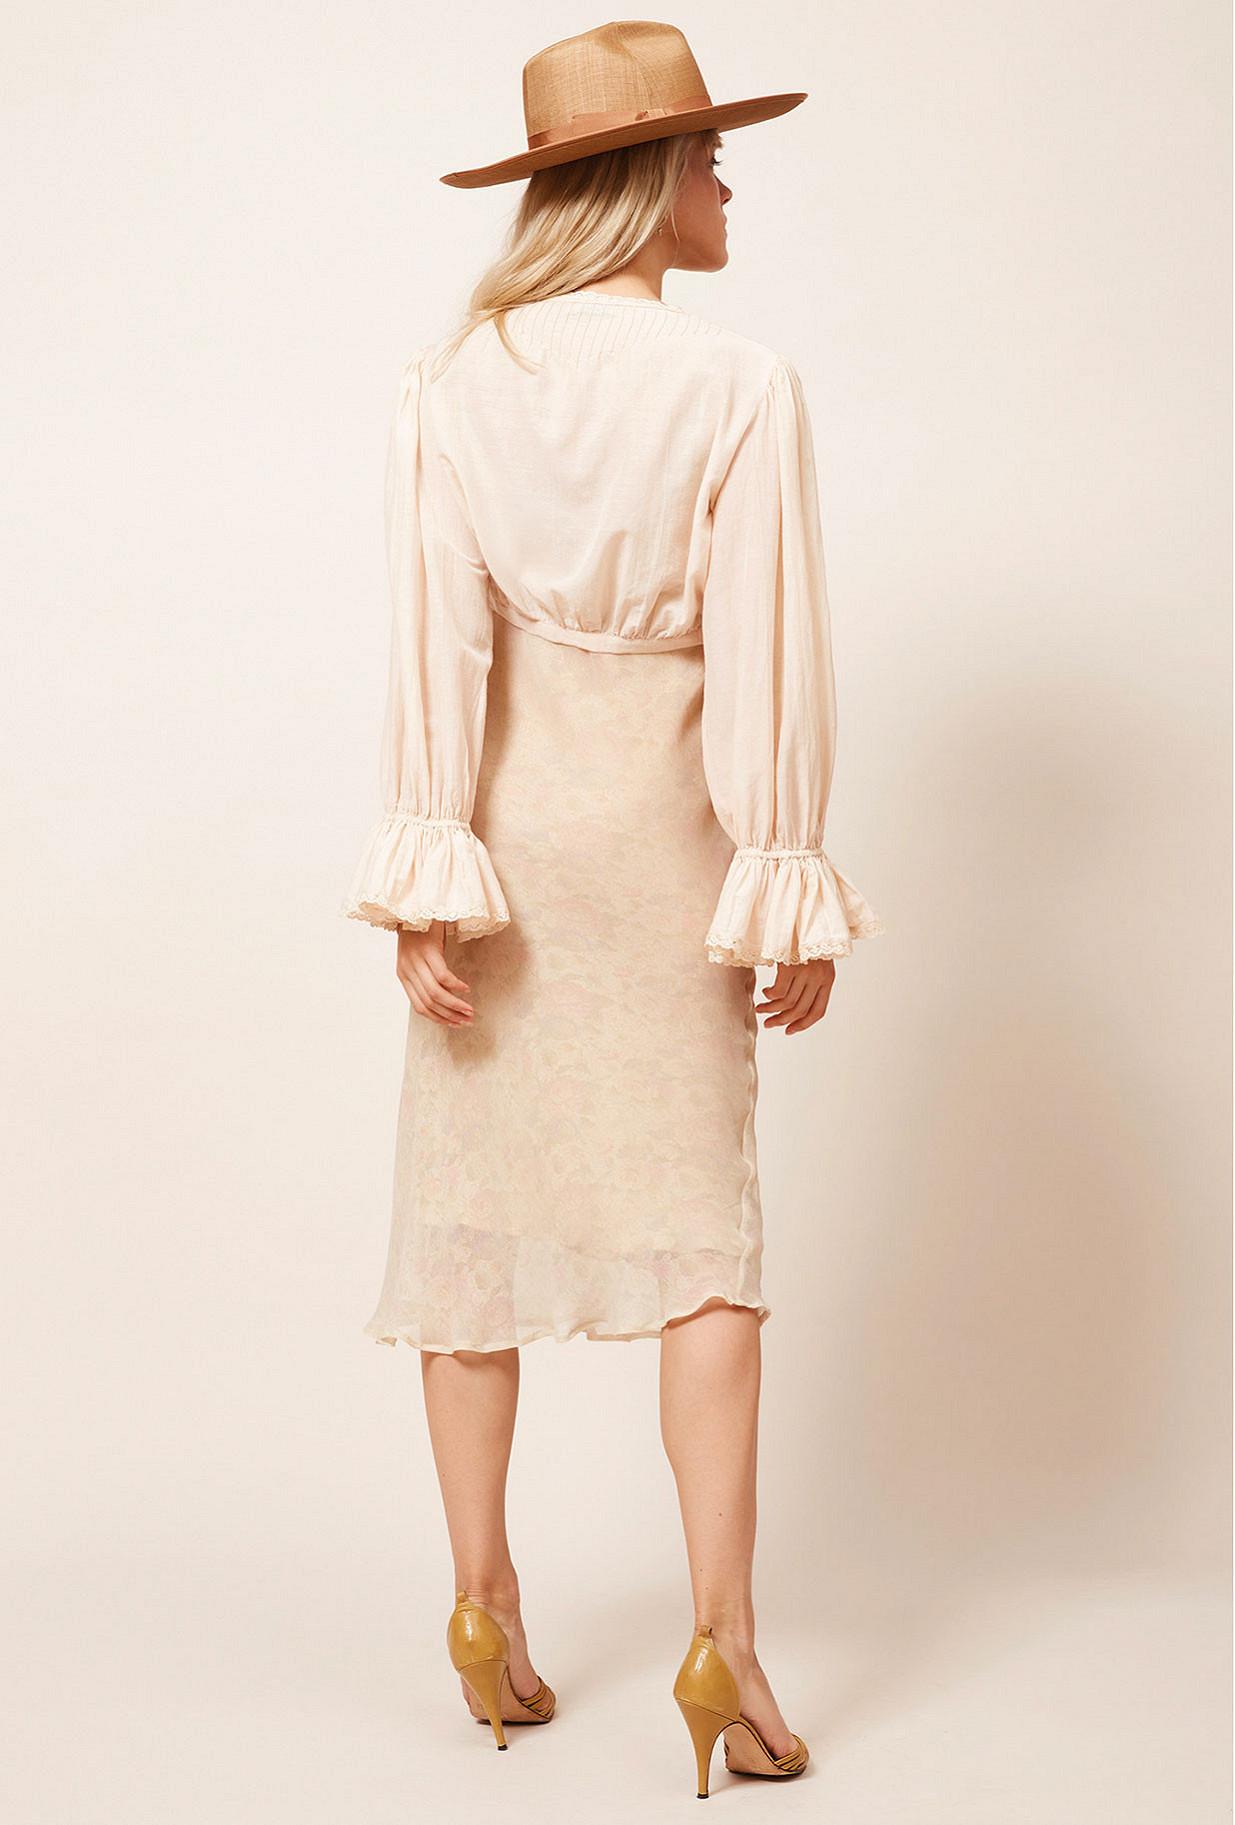 Paris boutique de mode vêtement Kimono créateur bohème  Gaynor